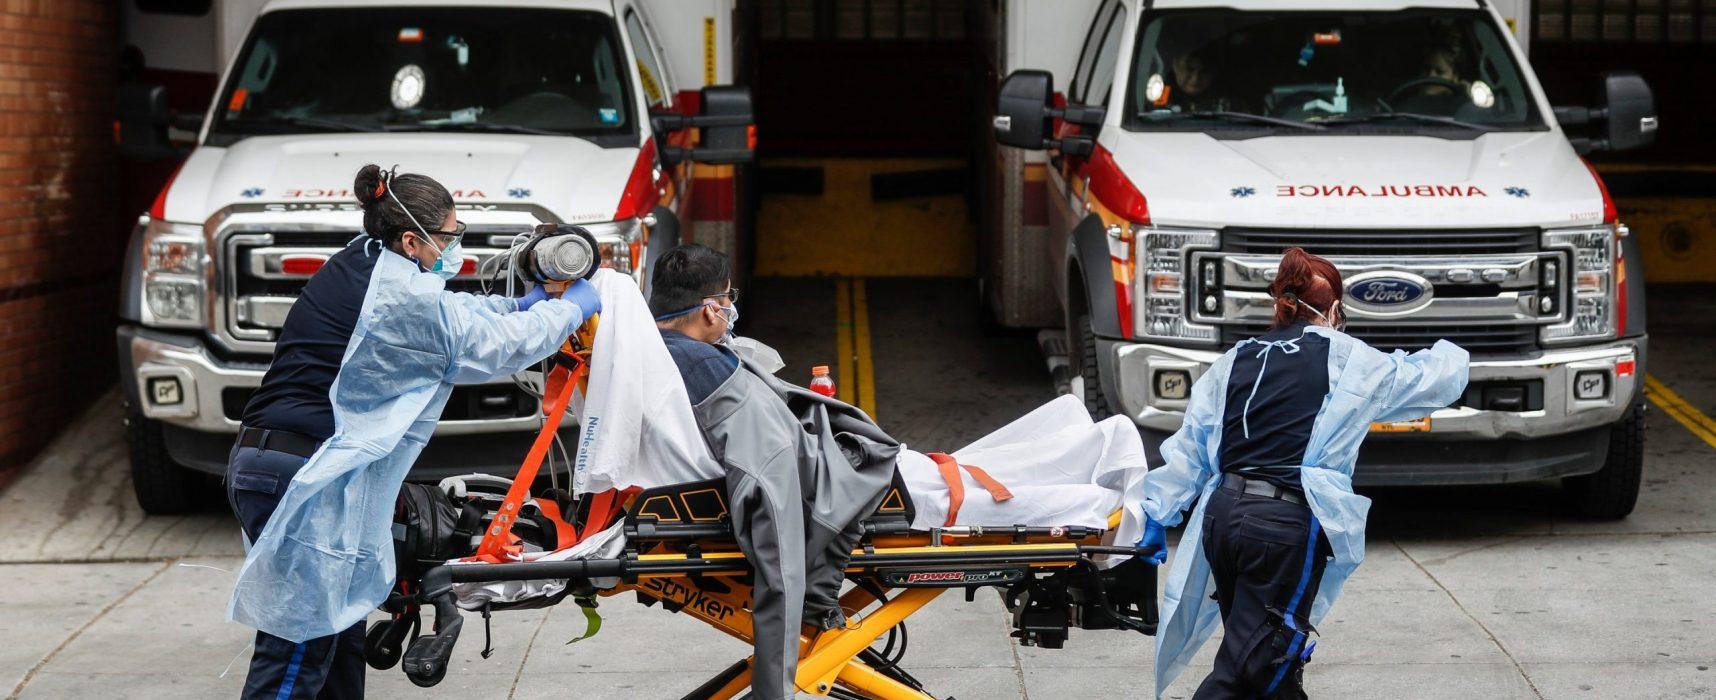 Фейк RT: данные о количестве смертей от COVID-19 в Нью-Йорке занижены вдвое